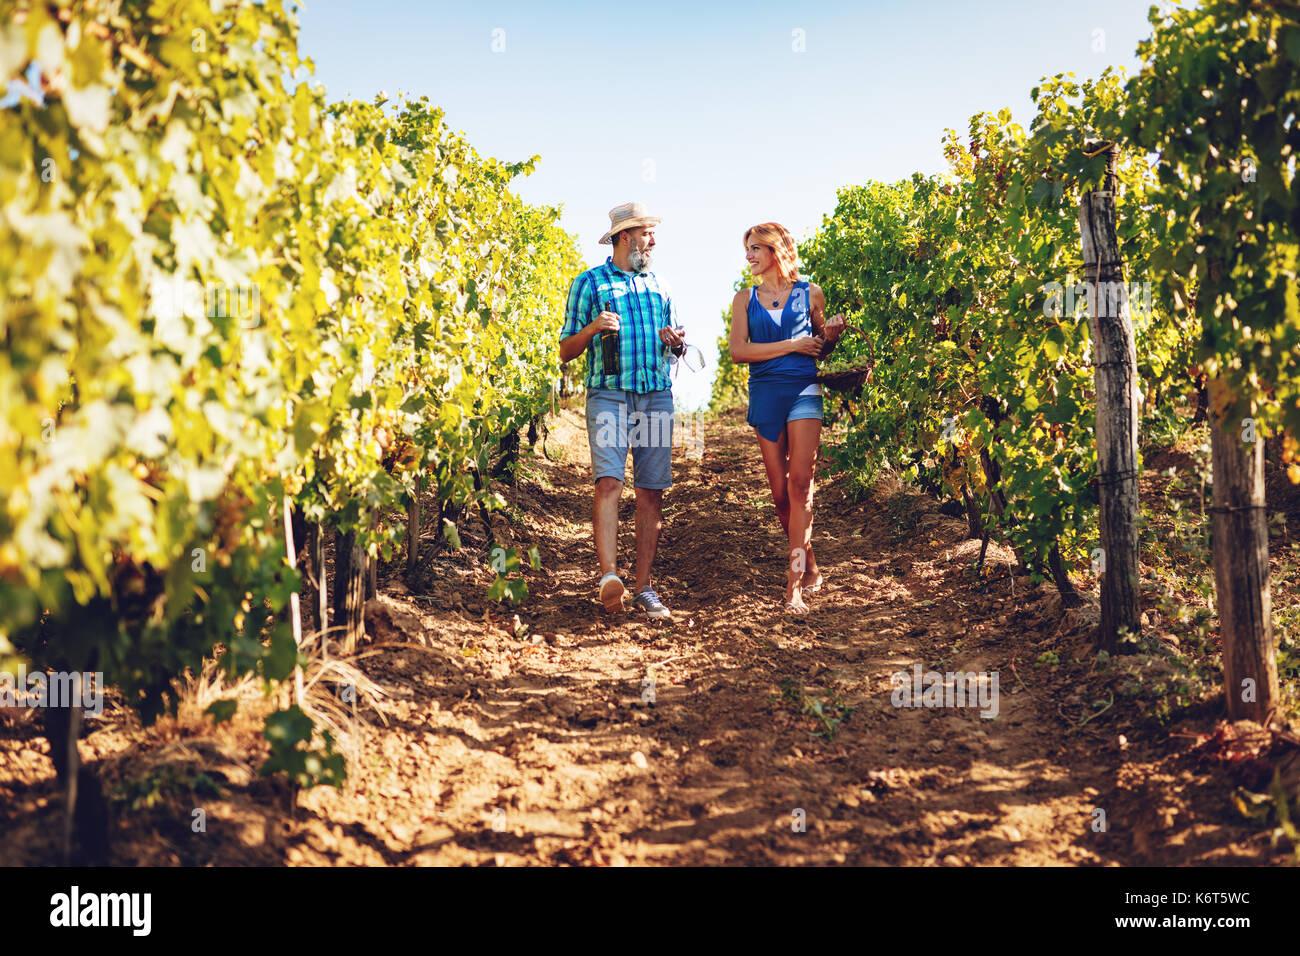 Hermosa pareja sonriente caminando a través de un viñedo y degustación de vino. Imagen De Stock